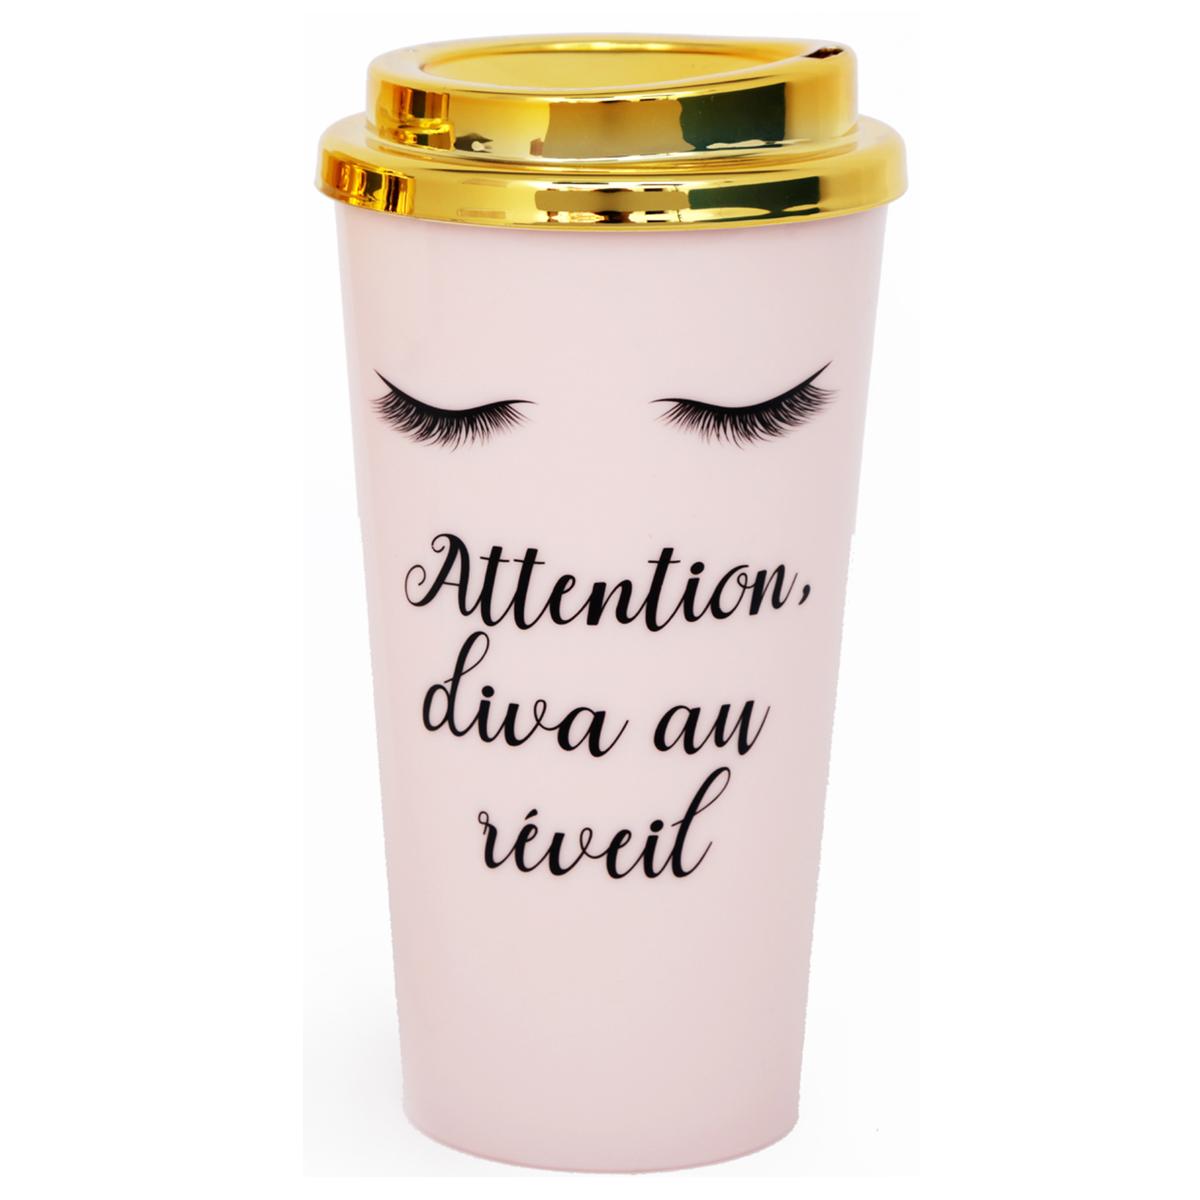 Mug de transport plastique \'Diva - Yeux Endormis\' rose doré (Attention, diva au réveil) - 175x7 cm (350 ml) - [R0928]